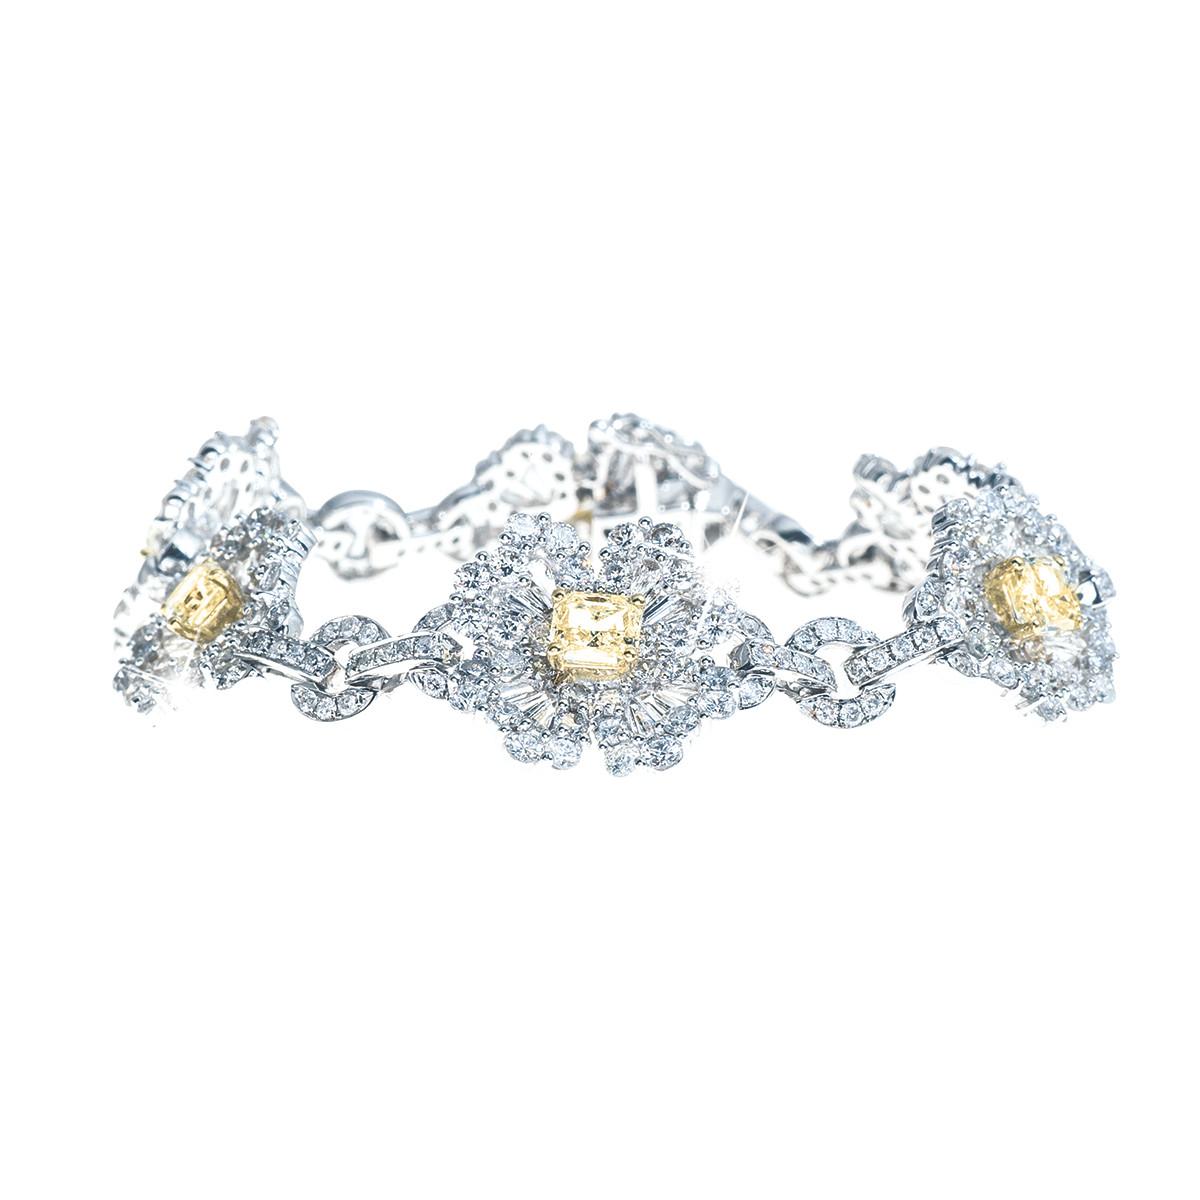 11.57 CTW White & Yellow Diamond Bracelet